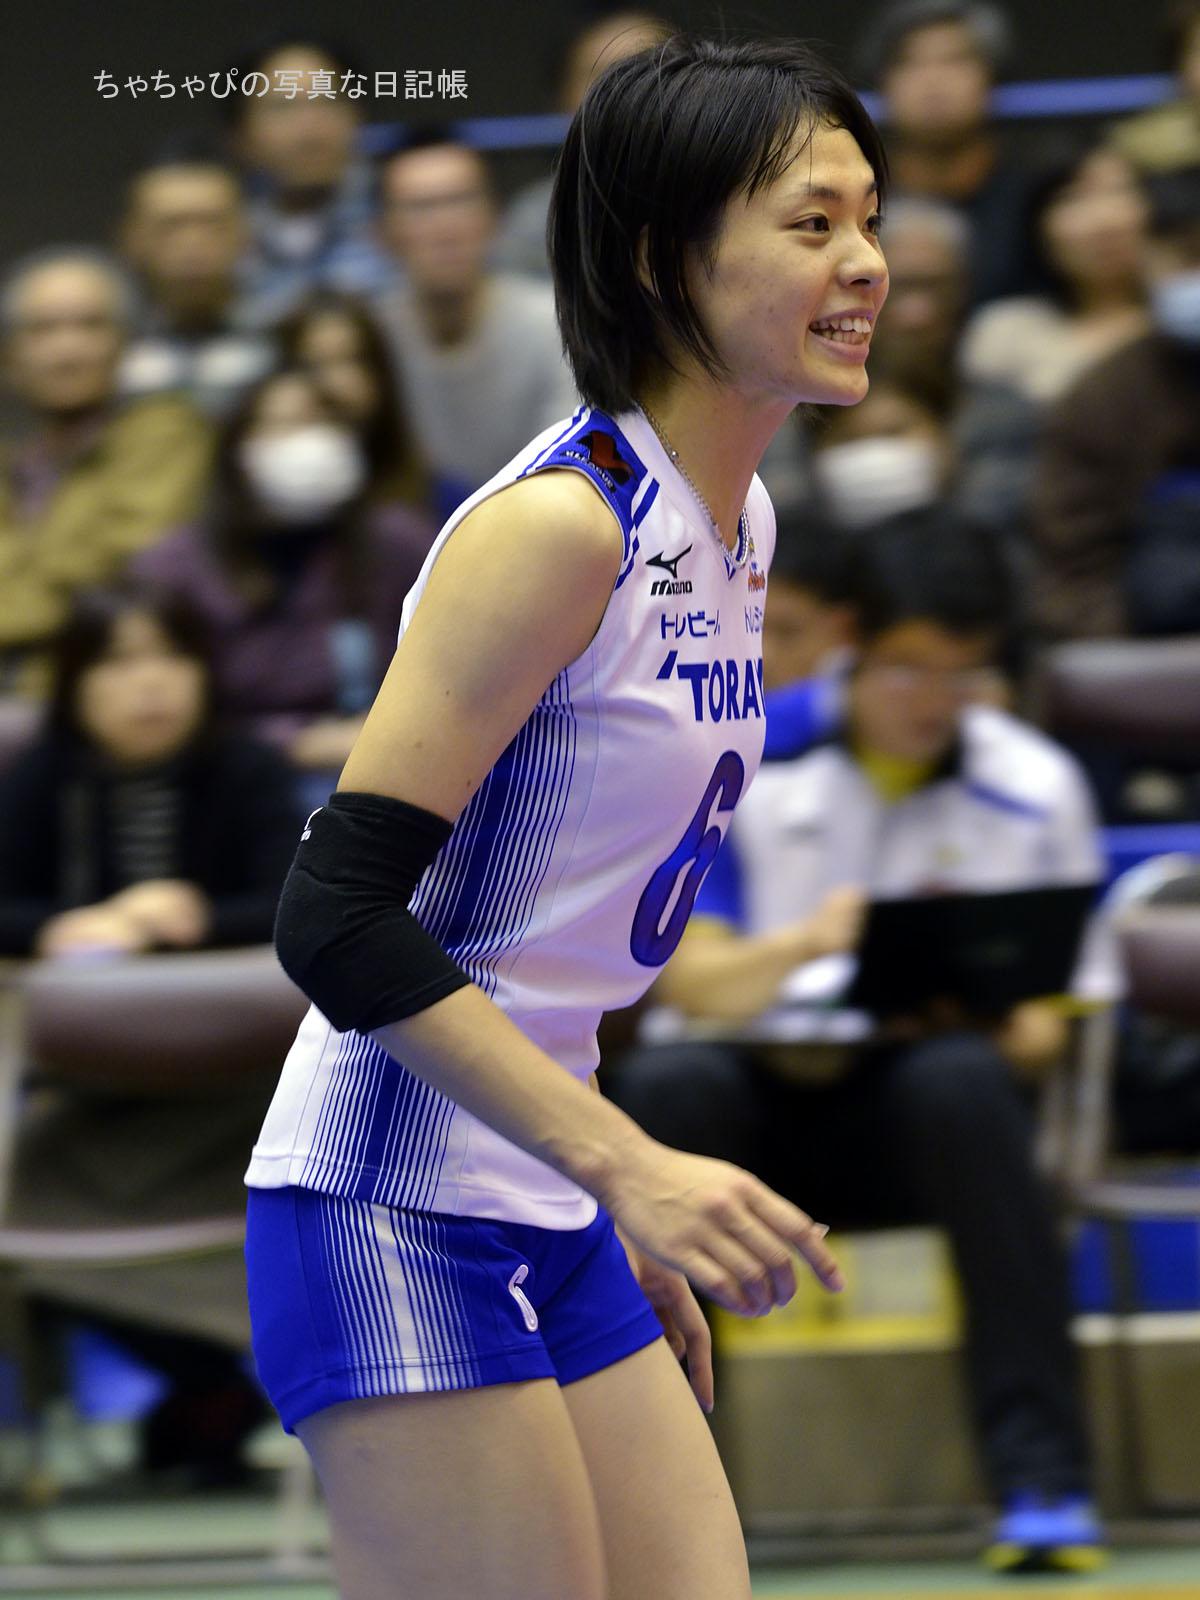 迫田さおり選手